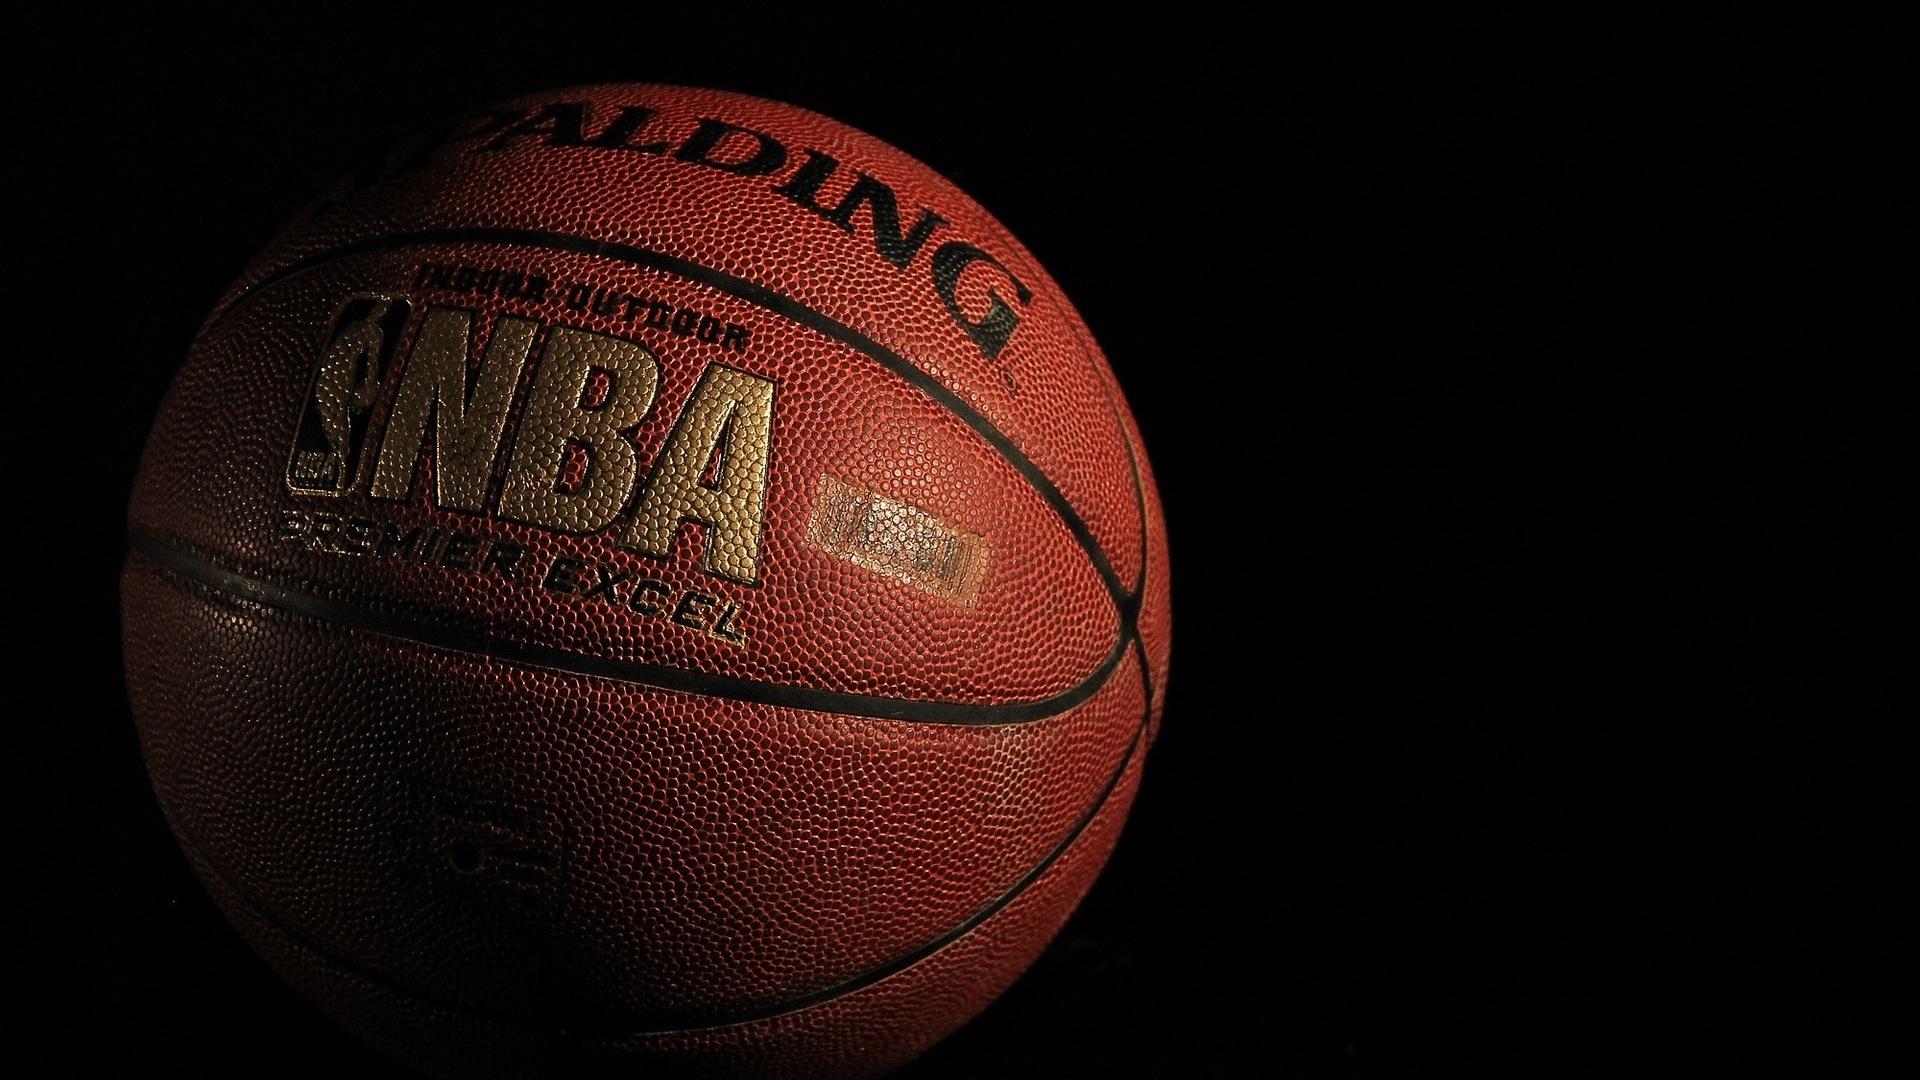 Endast matchbiljetter - Vi har biljetter till samtliga lag i NBA. Boka din biljett tryggt hos oss. Gäller både grundserie och slutspel.